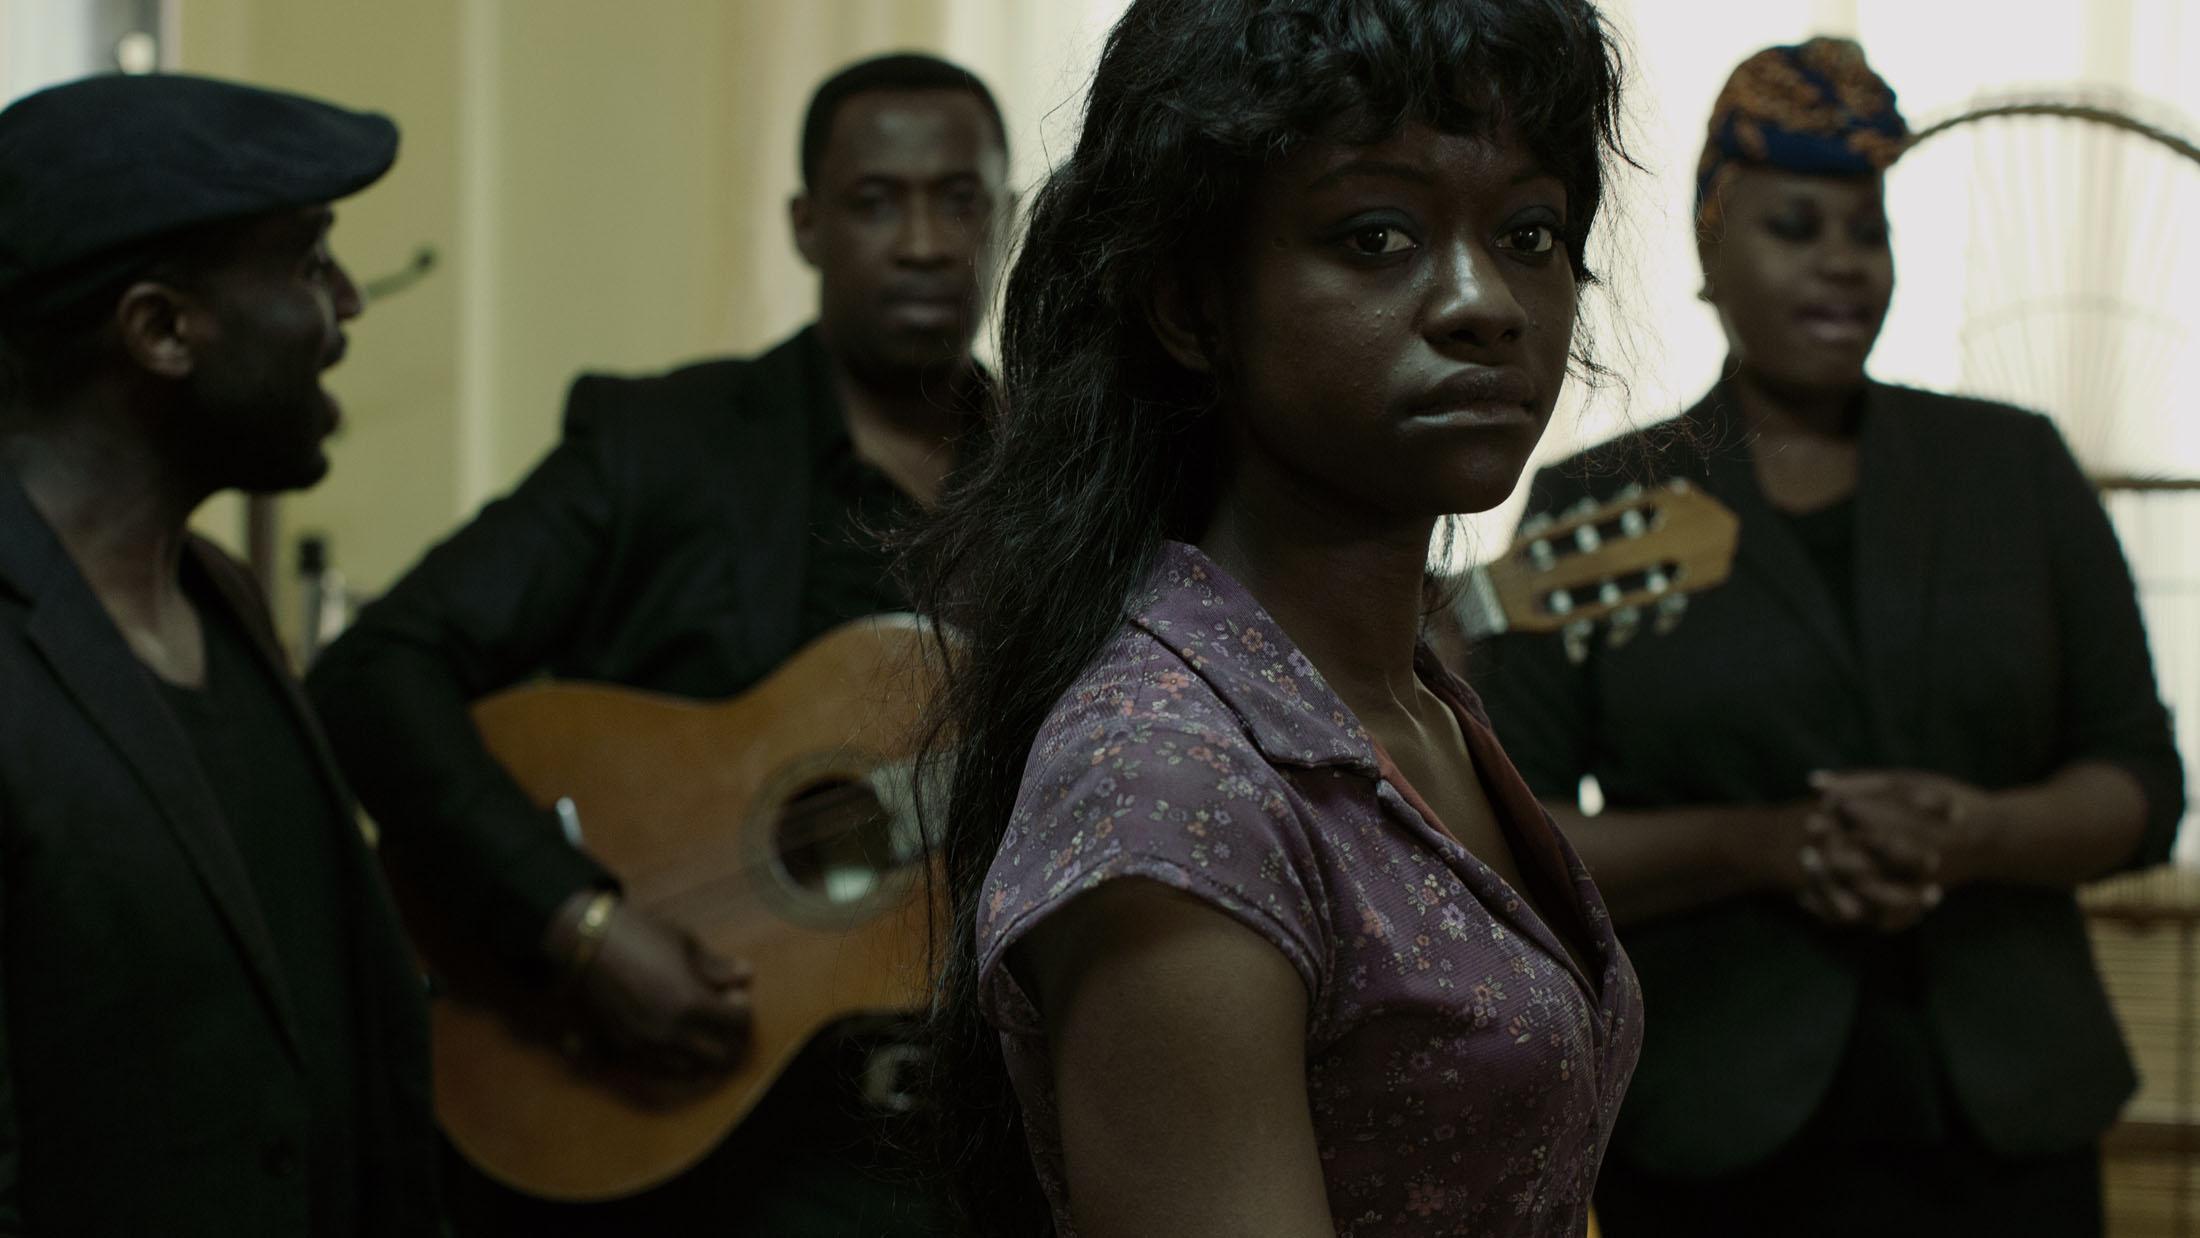 Babetida Sadjo in WASTE LAND directed by Pieter Van Hees - DoP Menno Mans. Courtesy Epidemic